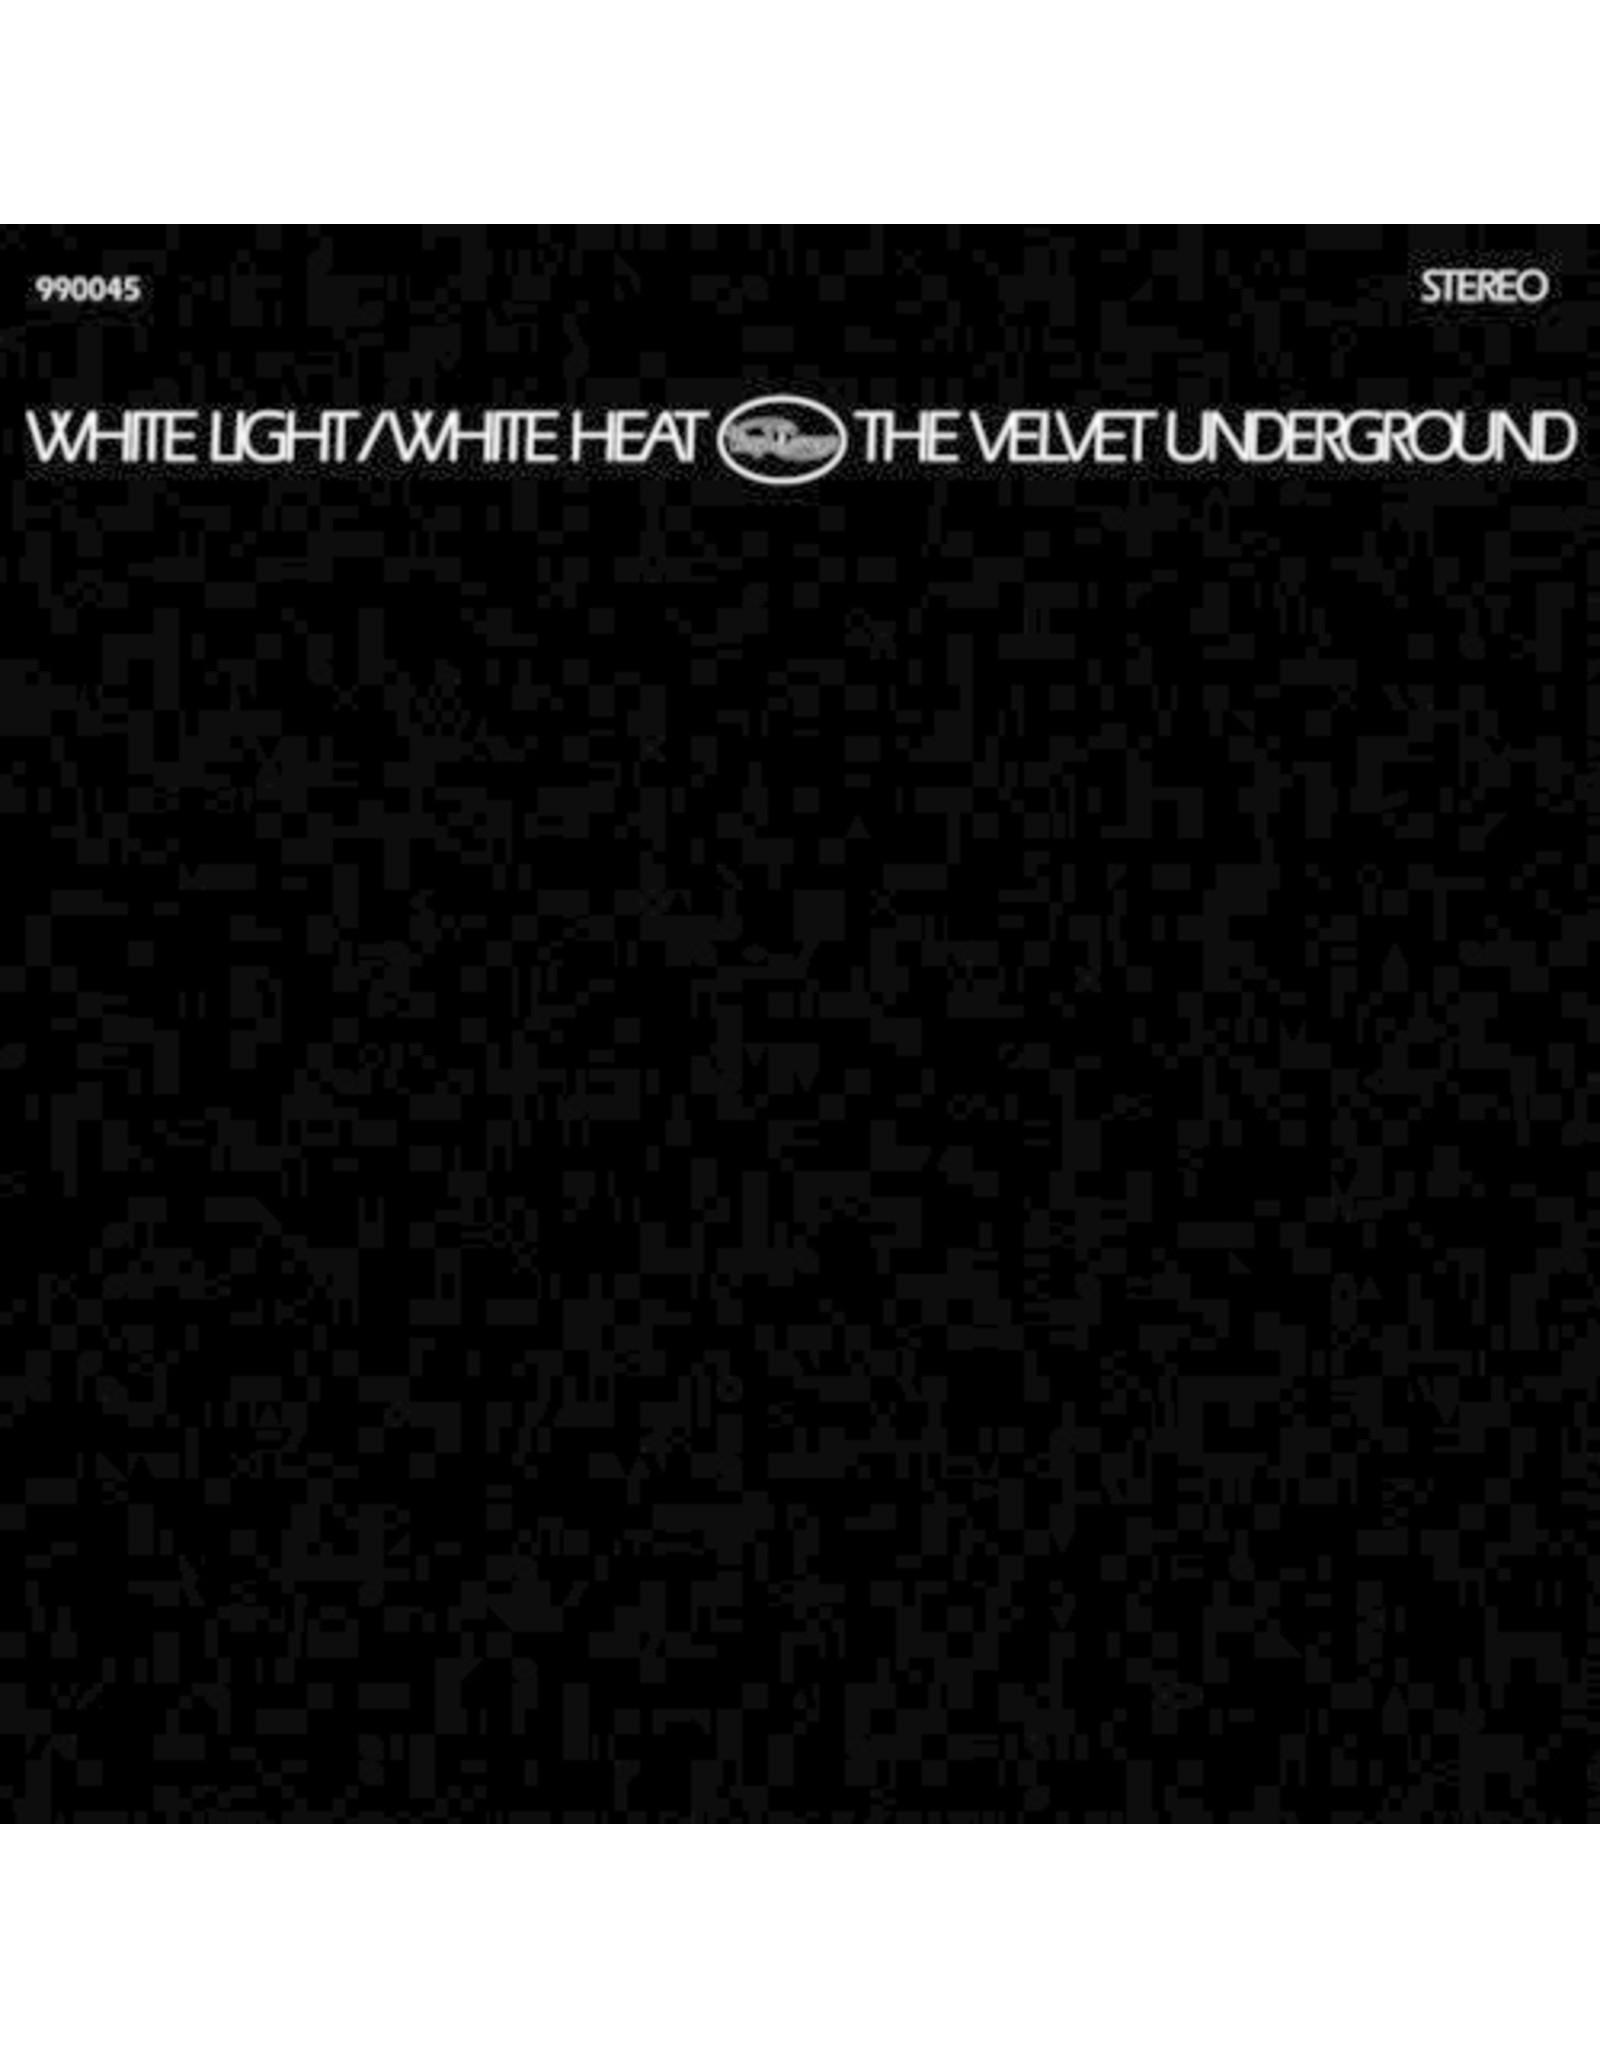 New Vinyl Velvet Underground - White Light/White Heat (Colored) LP